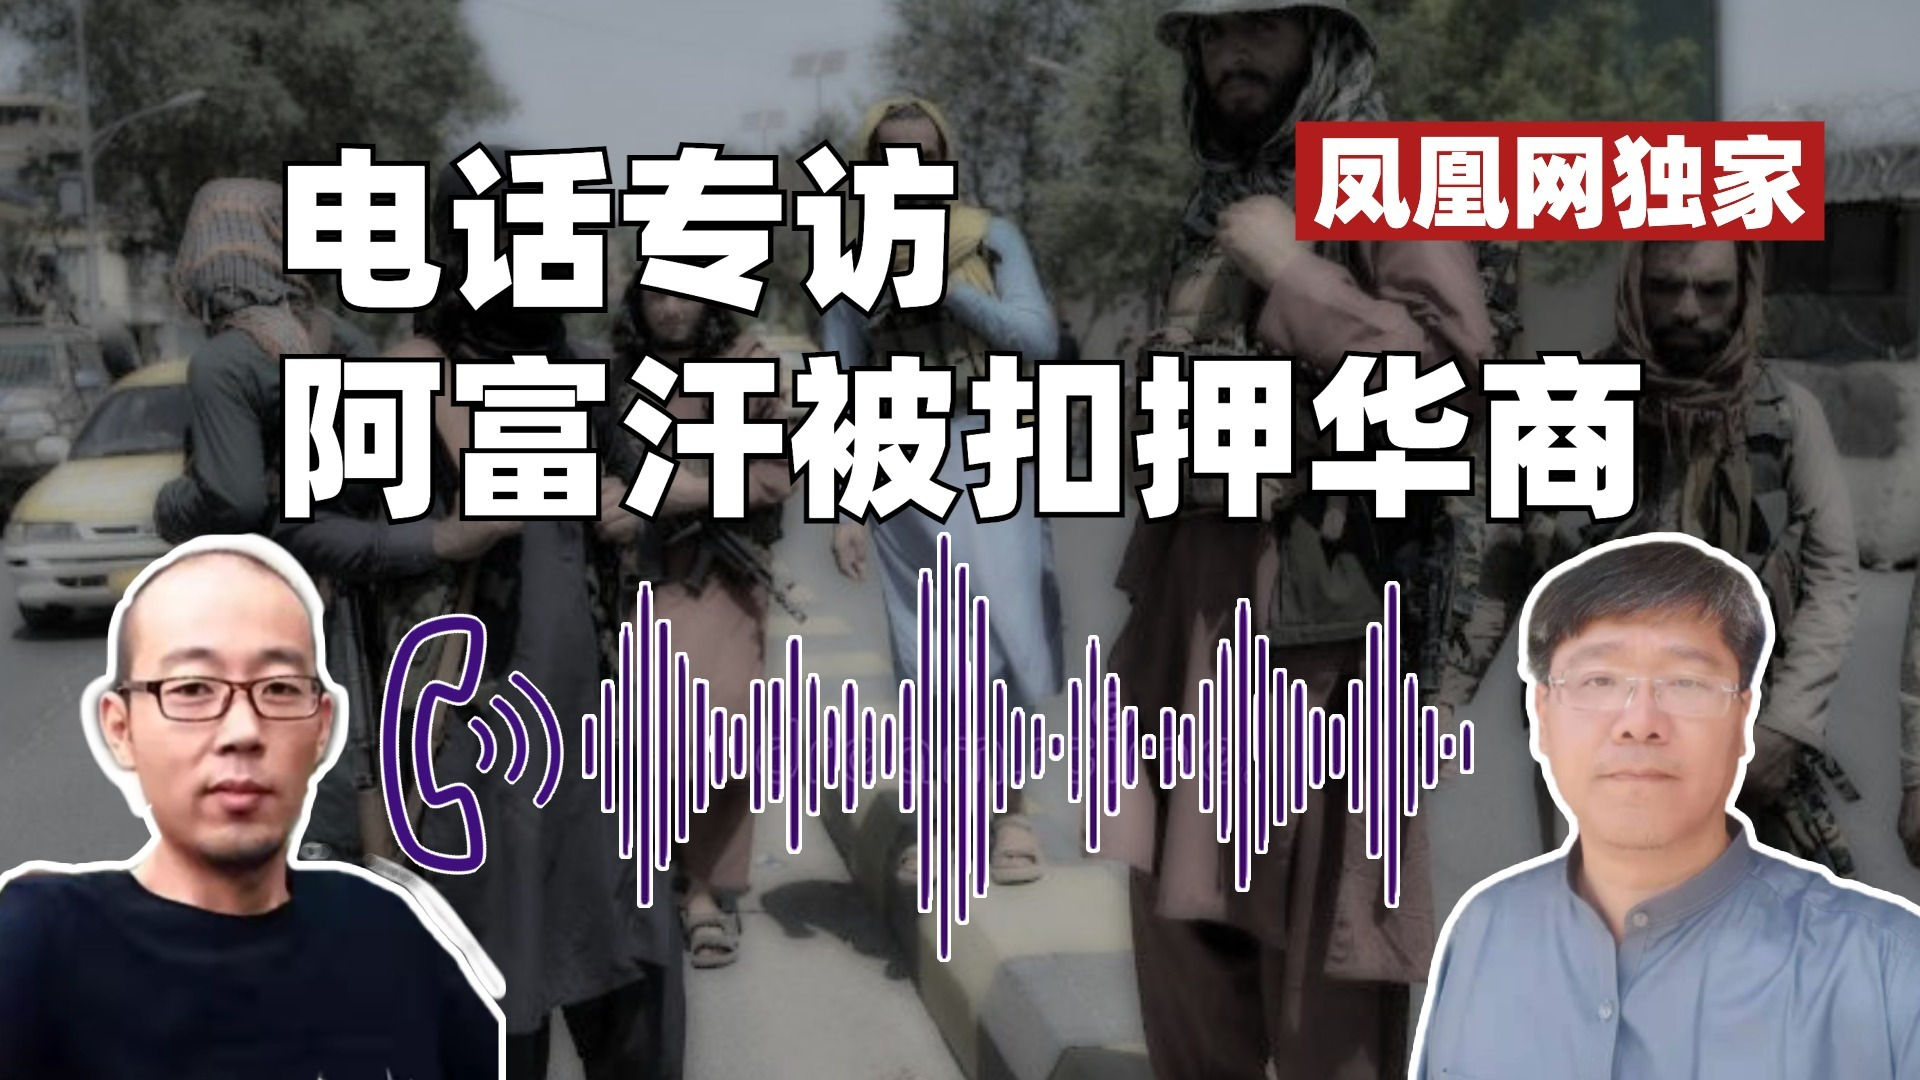 阿富汗被扣押中国商人专访丨《中国人在阿富汗》